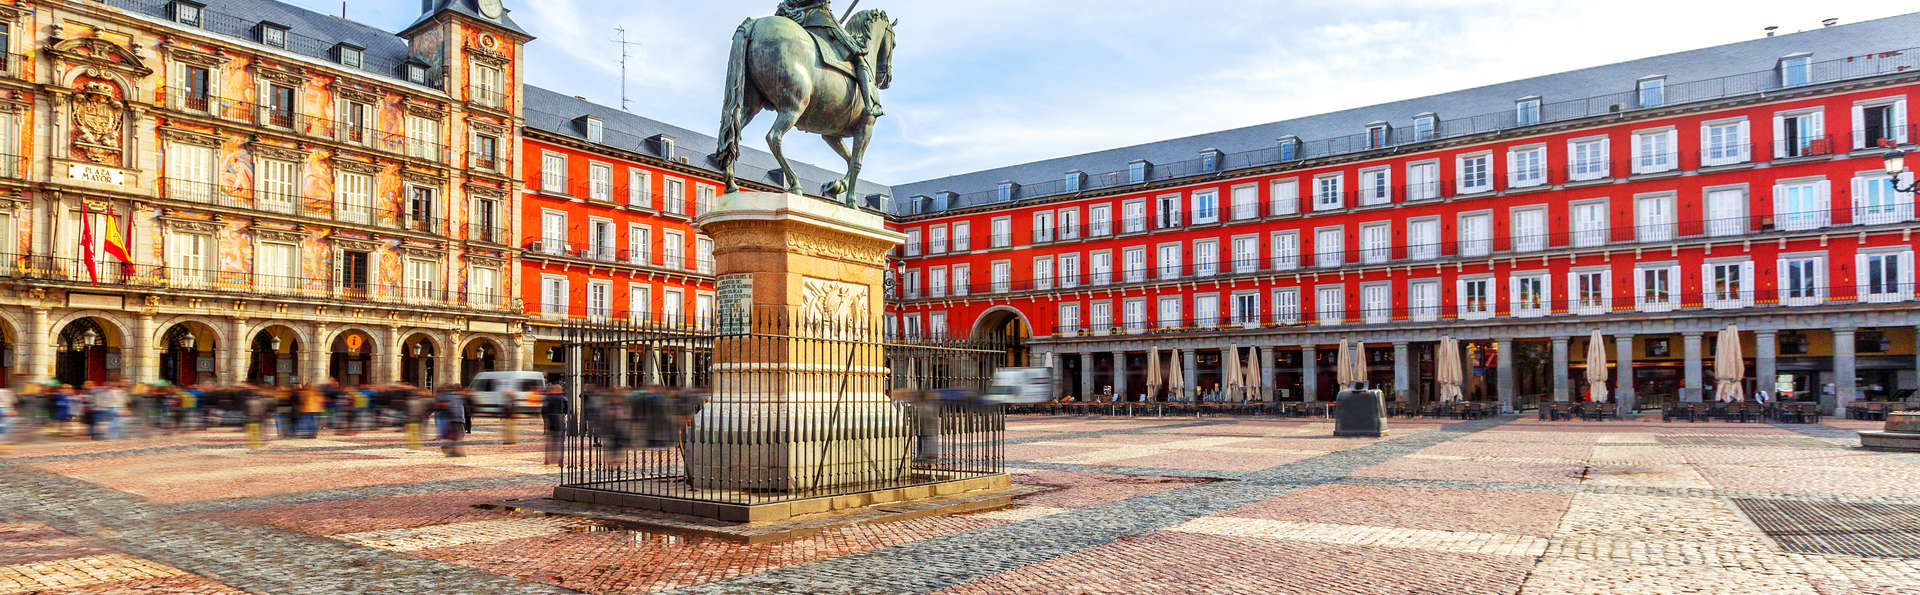 Séjour à Madrid dans un hôtel élégant et moderne en plein centre